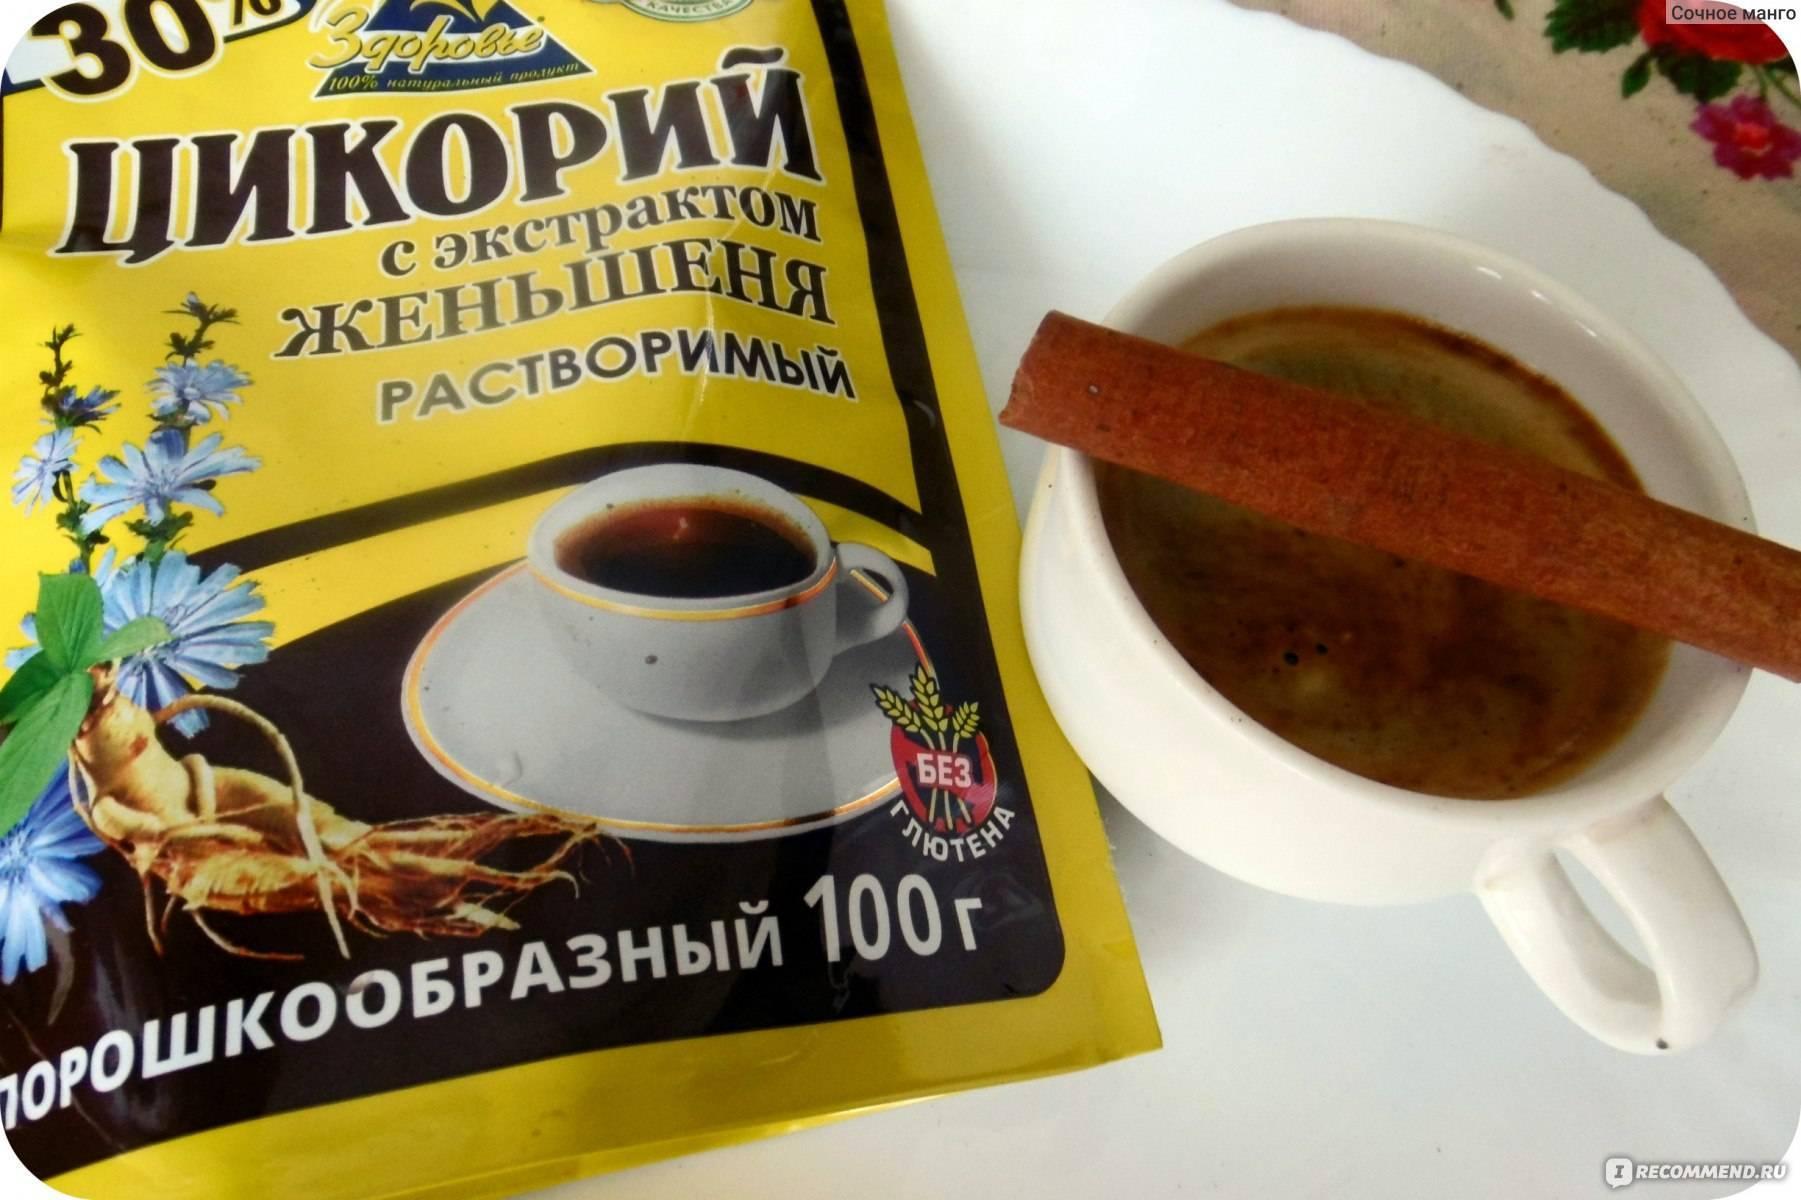 Кофе цикорий: характеристики, что полезней